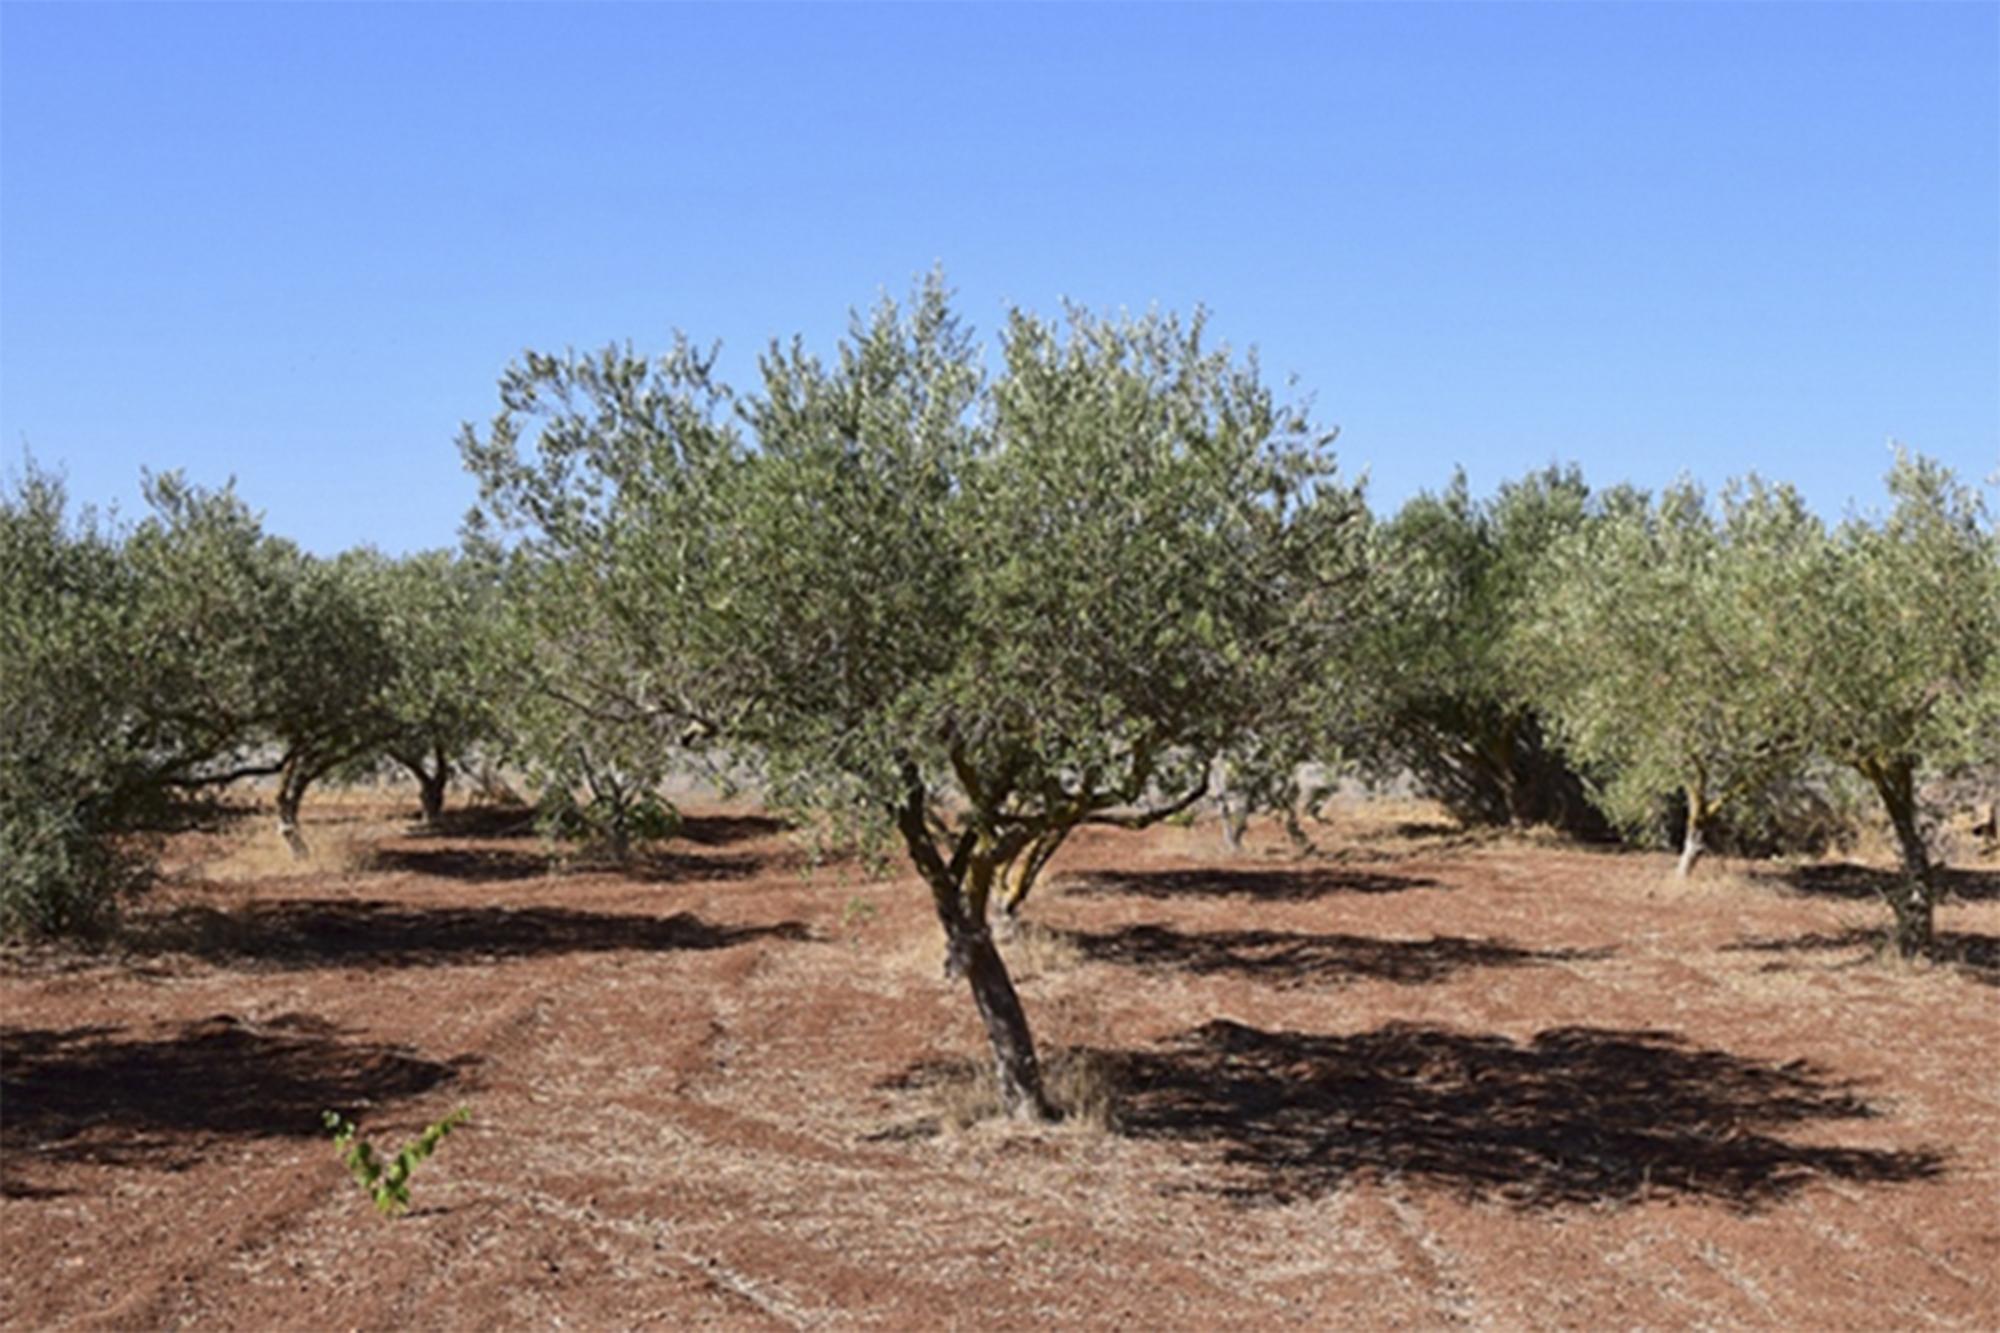 Vários partidos exigem maior regulamentação do olival intensivo no Alentejo. Fonte: pan.com.pt